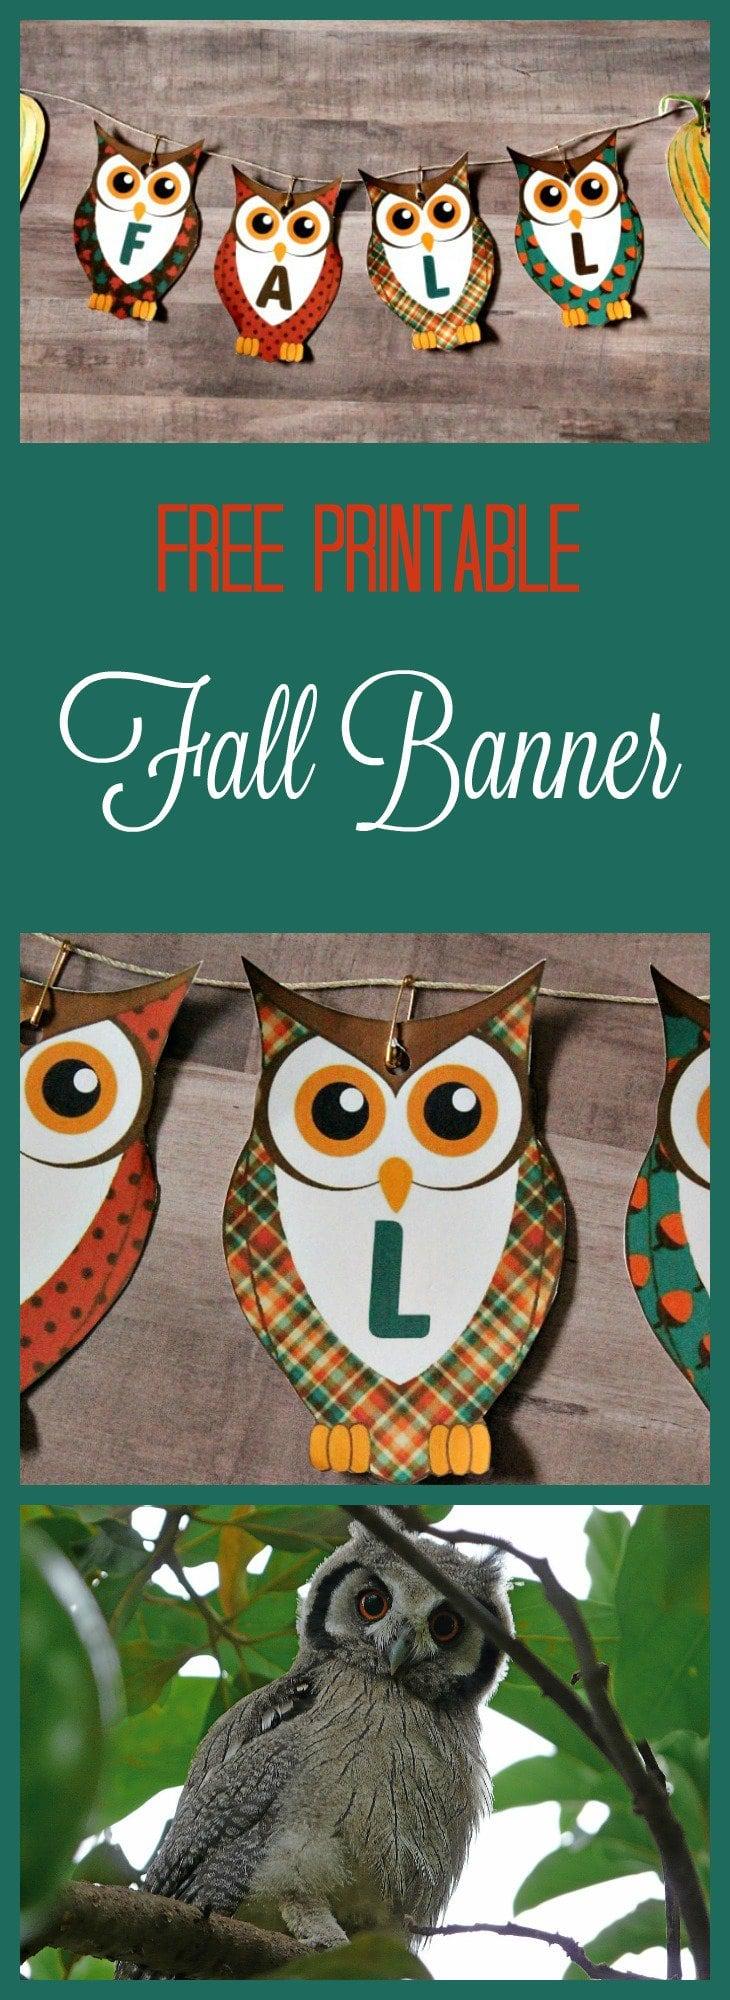 Free Printable Banners, Fall Banner,printable banner